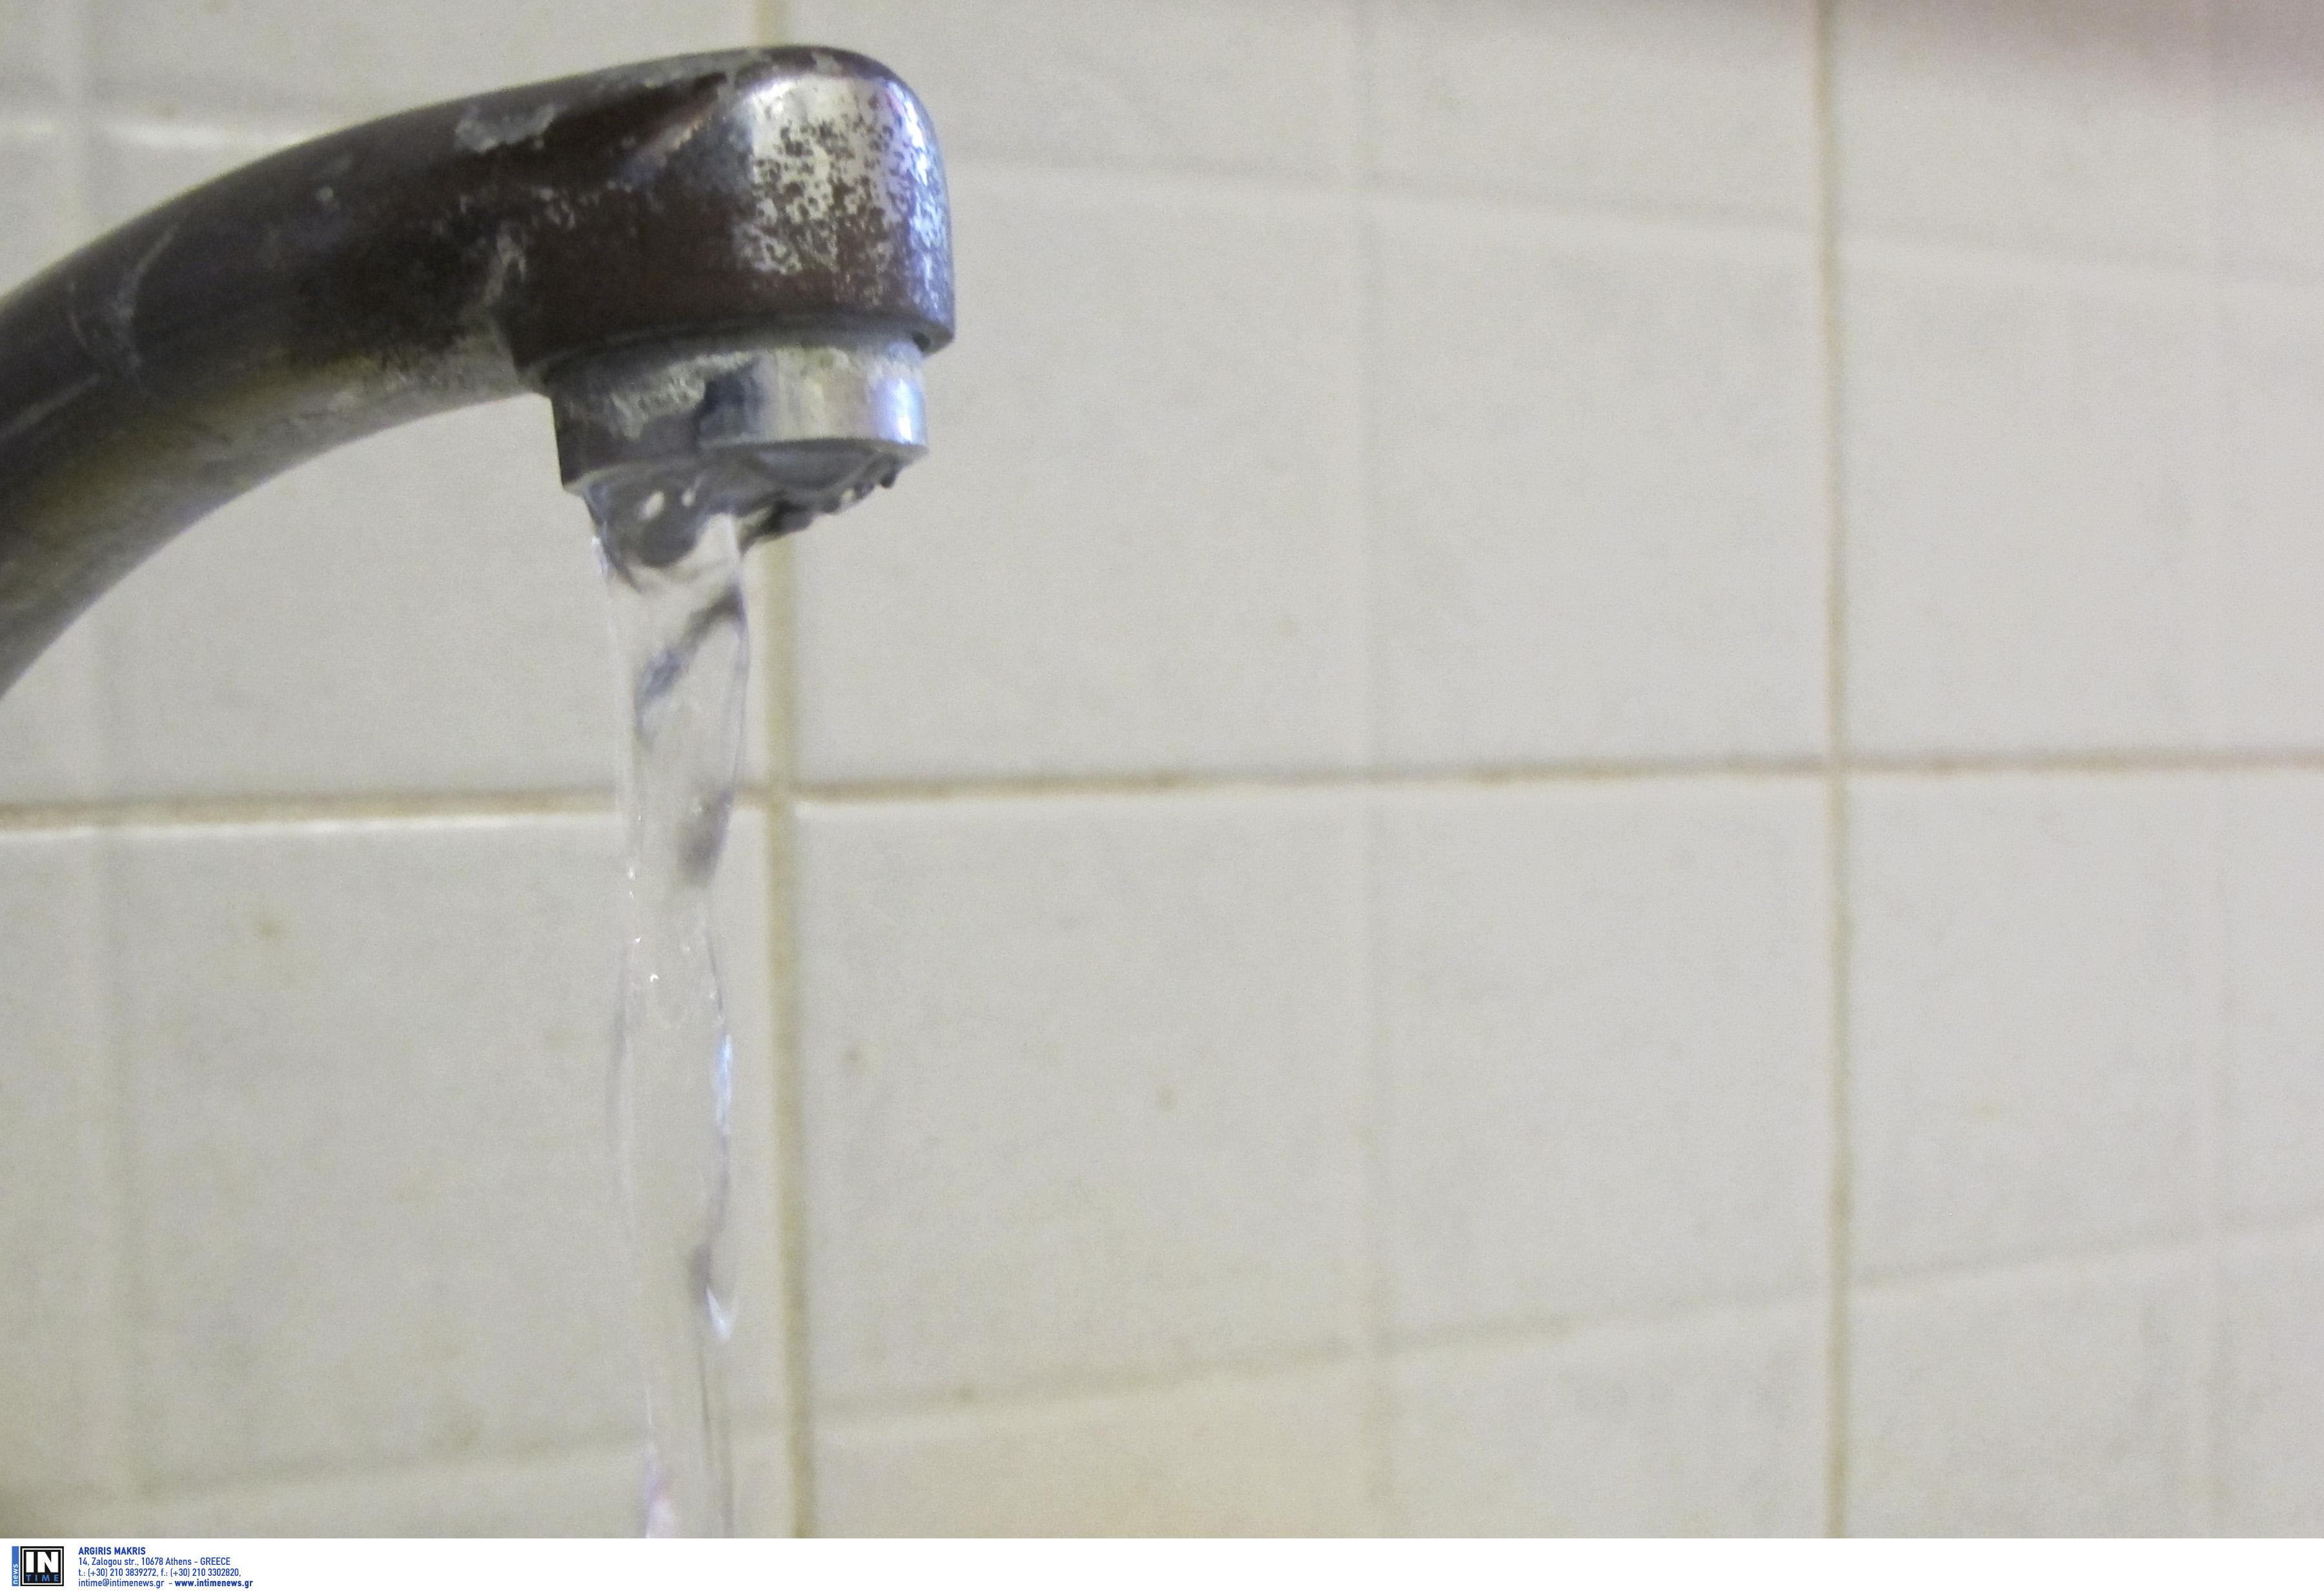 Θεσσαλονίκη: Επικίνδυνο και ακατάλληλο το νερό σε οικισμό του δήμου Βόλβης λόγω ραδιενέργειας!